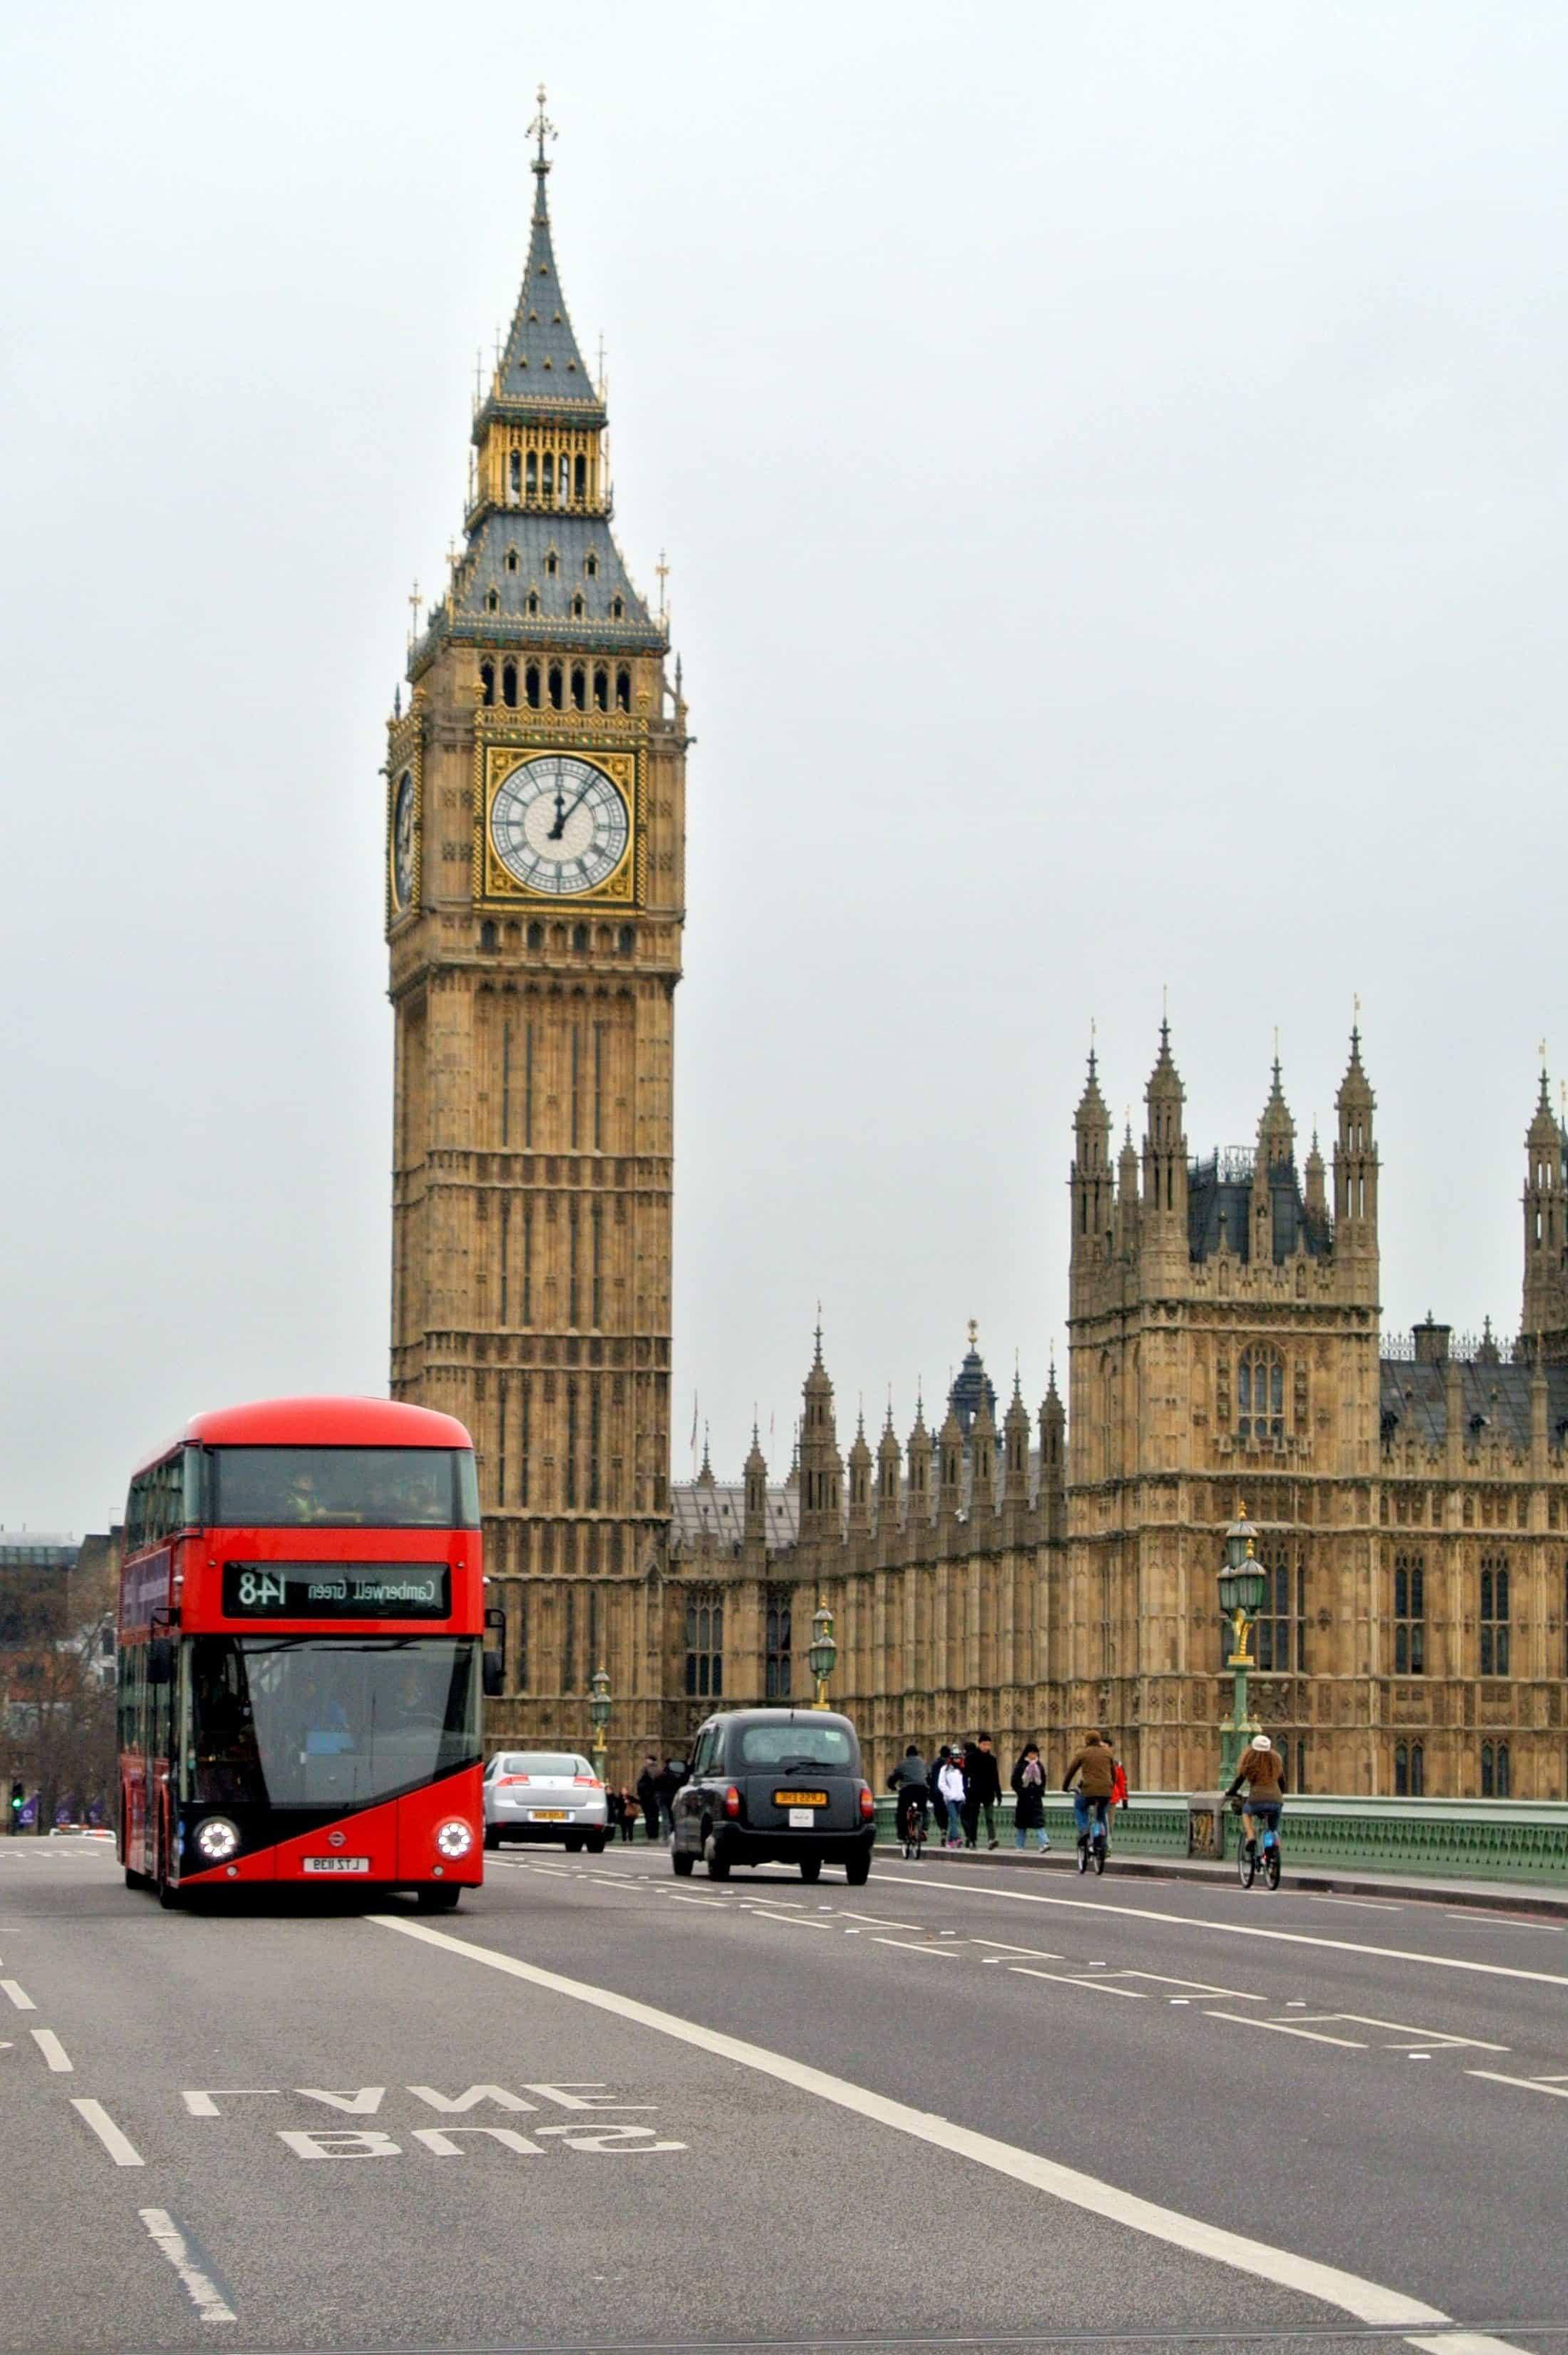 free picture parliament clock england car asphalt architecture